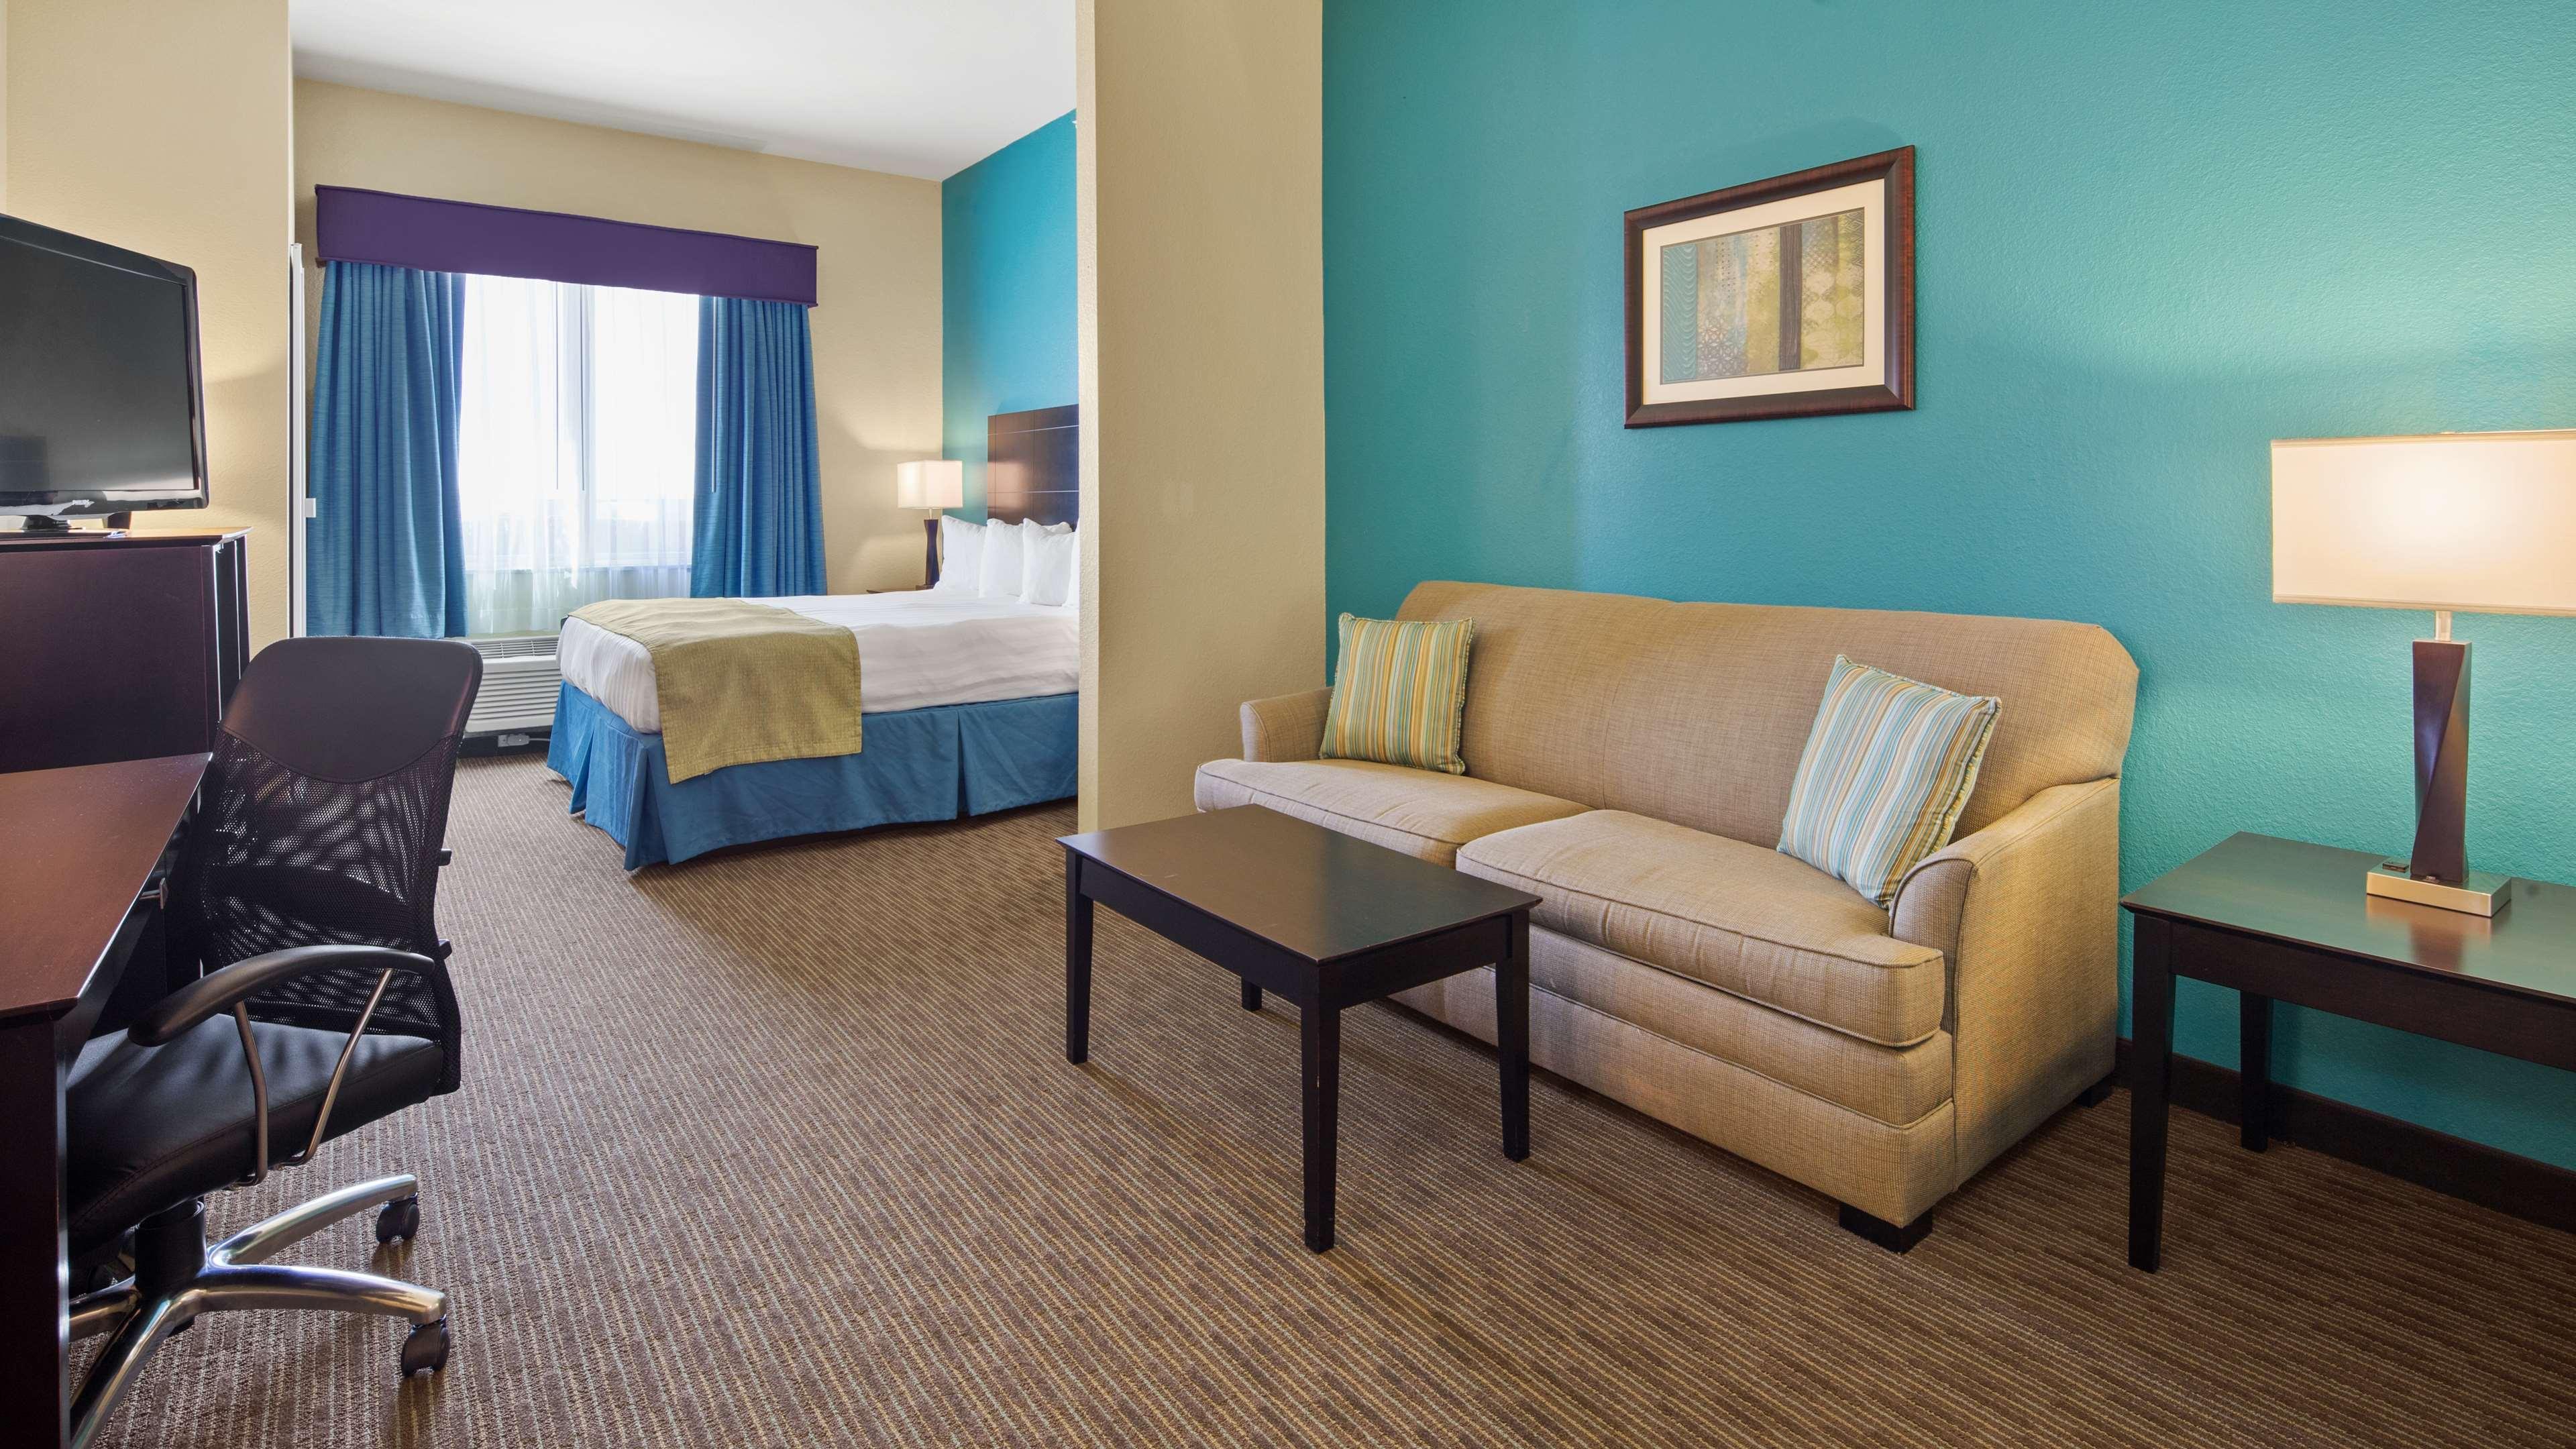 Best Western Lindsay Inn & Suites image 12